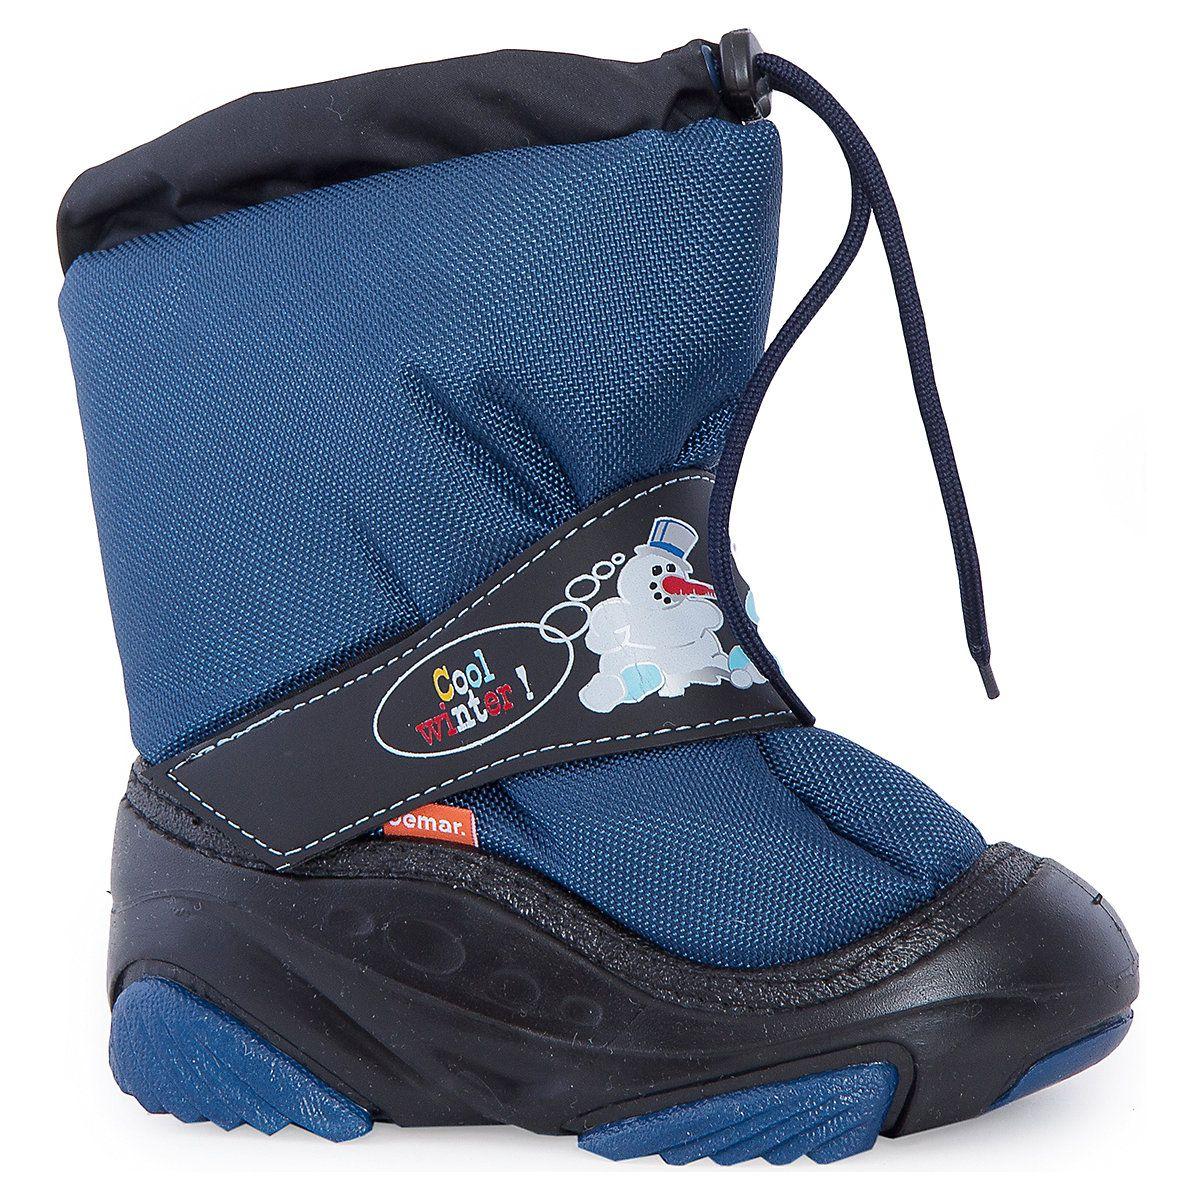 Stiefel Demar für jungen 6835033 Valenki Uggi Winter Baby Kinder Kinder schuhe MTpromo